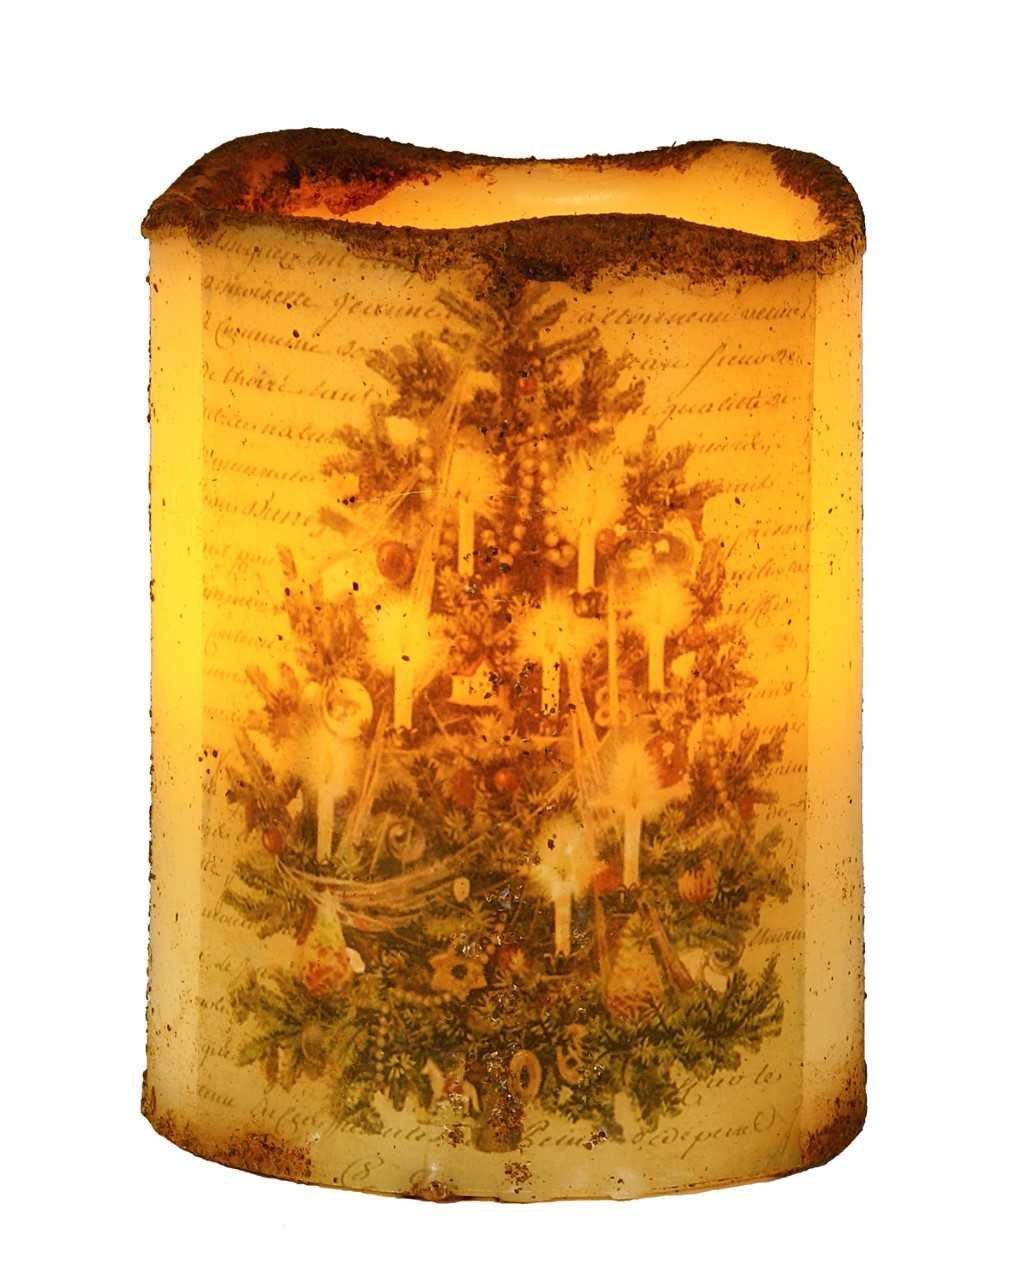 クリスマスキャンドルFlameless Candle Decorationウィンドウキャンドルバッテリ電源4インチツリー B075ZZX47M